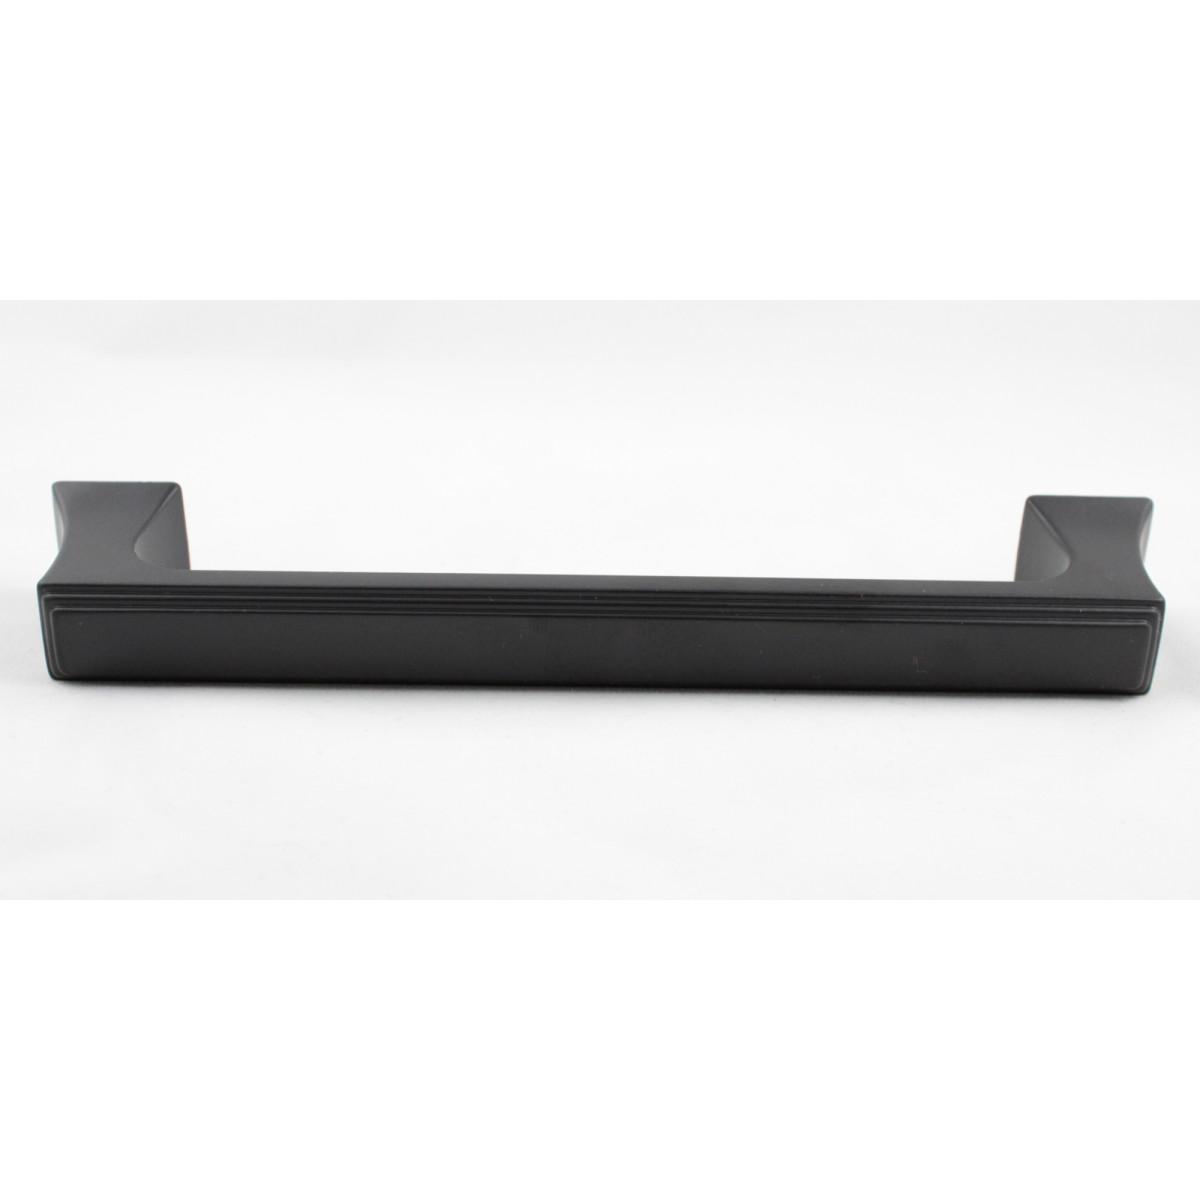 Ручка-Скоба Modda 160 Латунь Черный Troya-890-04-160